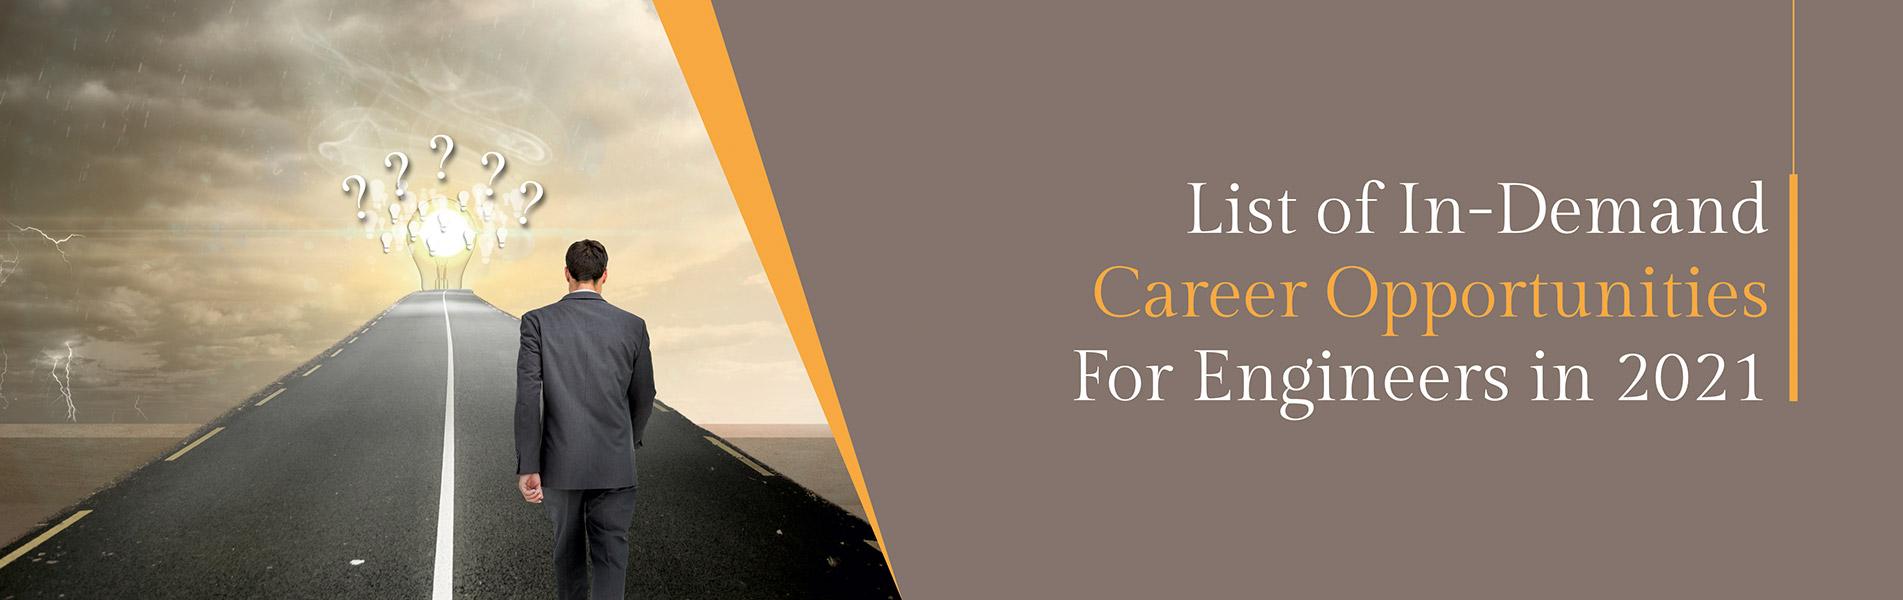 career opportunities, engineers